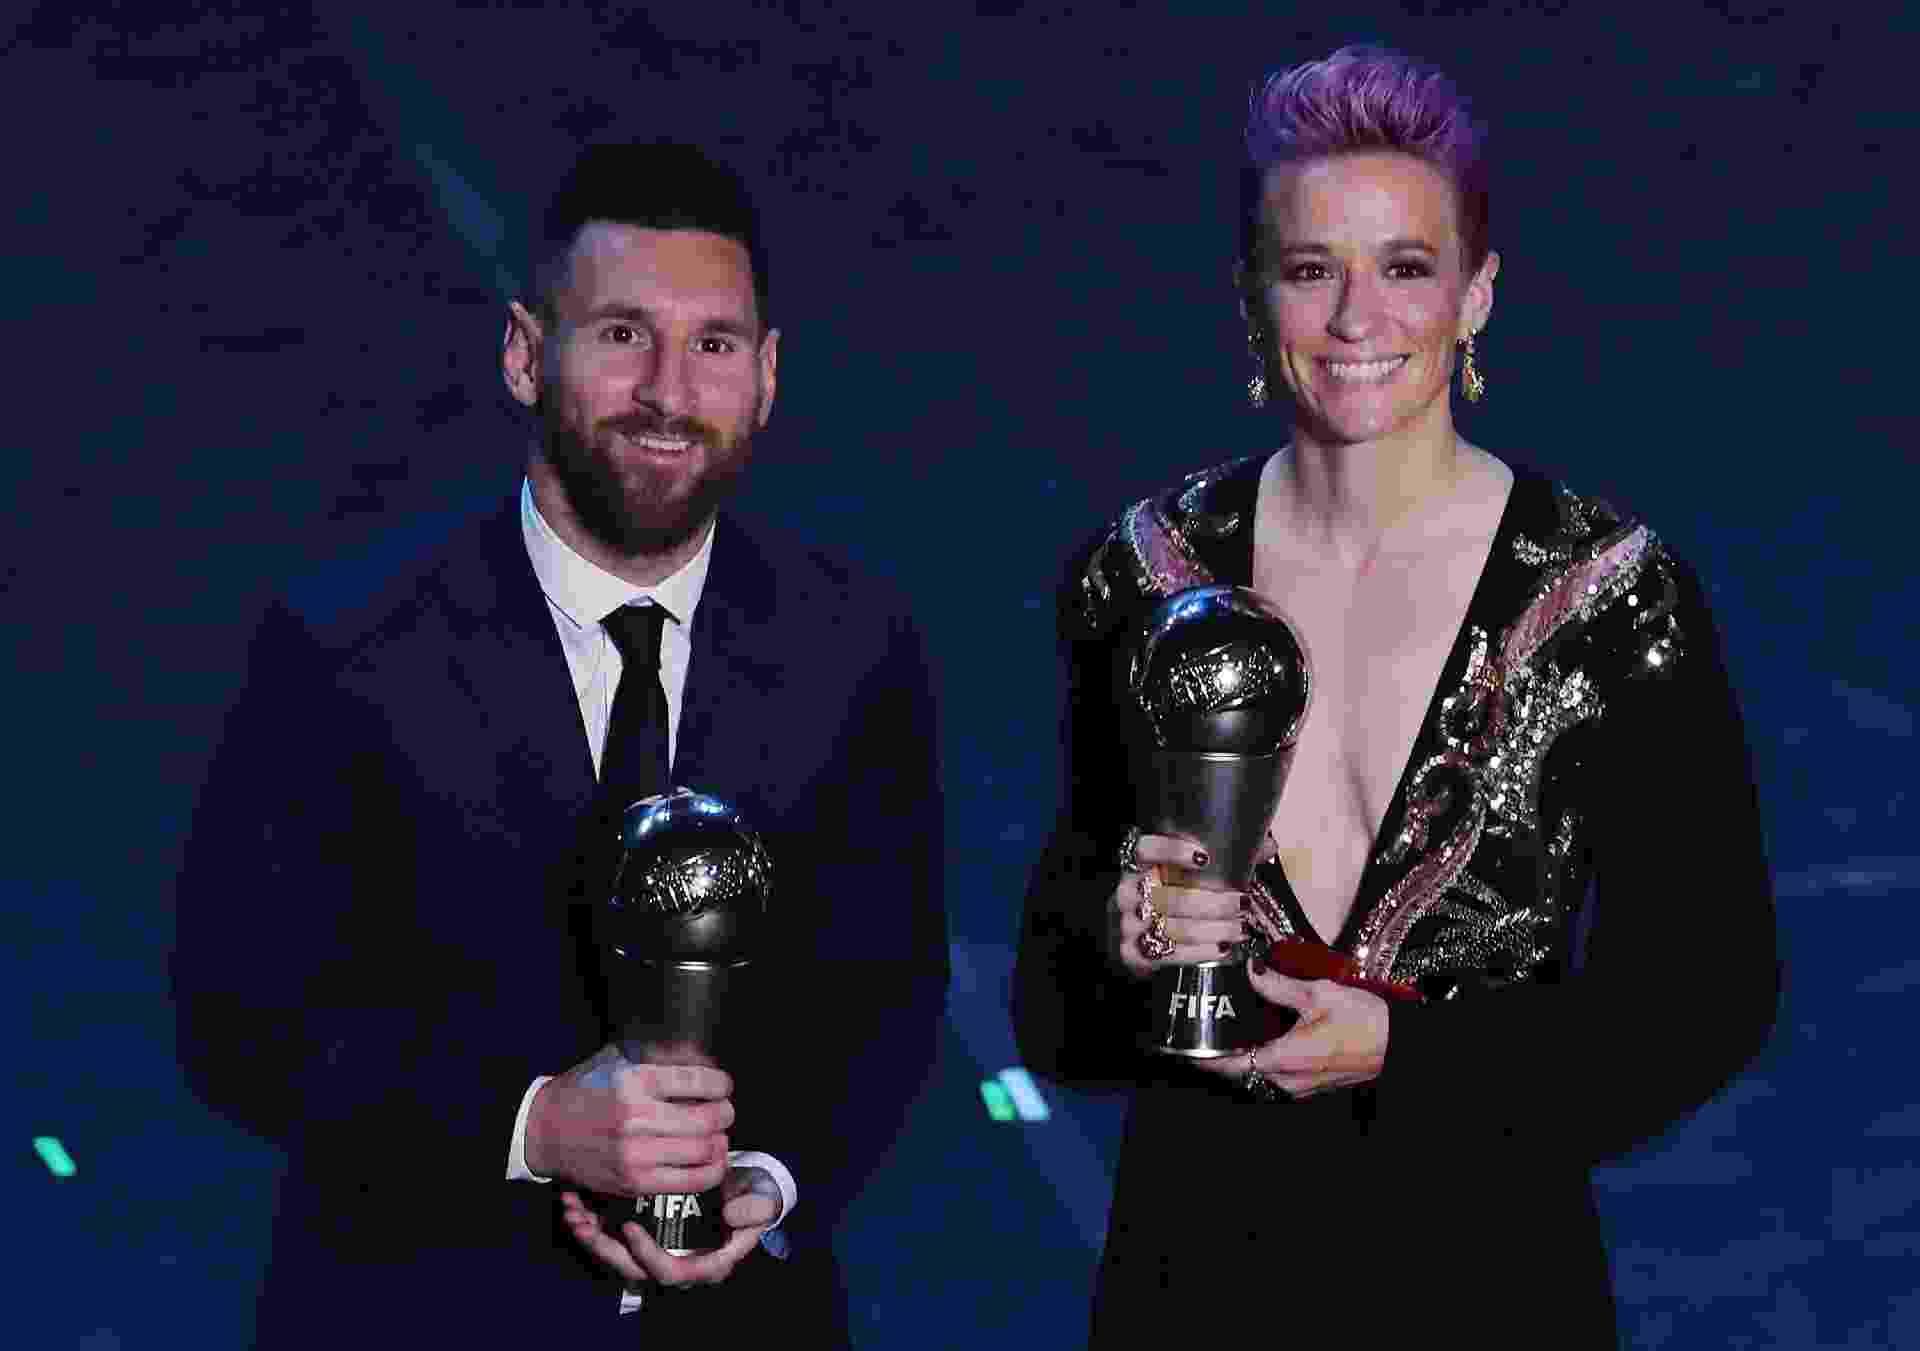 Lionel Messi e Megan Rapinoe posam com prêmios de melhores jogadores do mundo dado pela Fifa - Emilio Andreoli/Getty Images